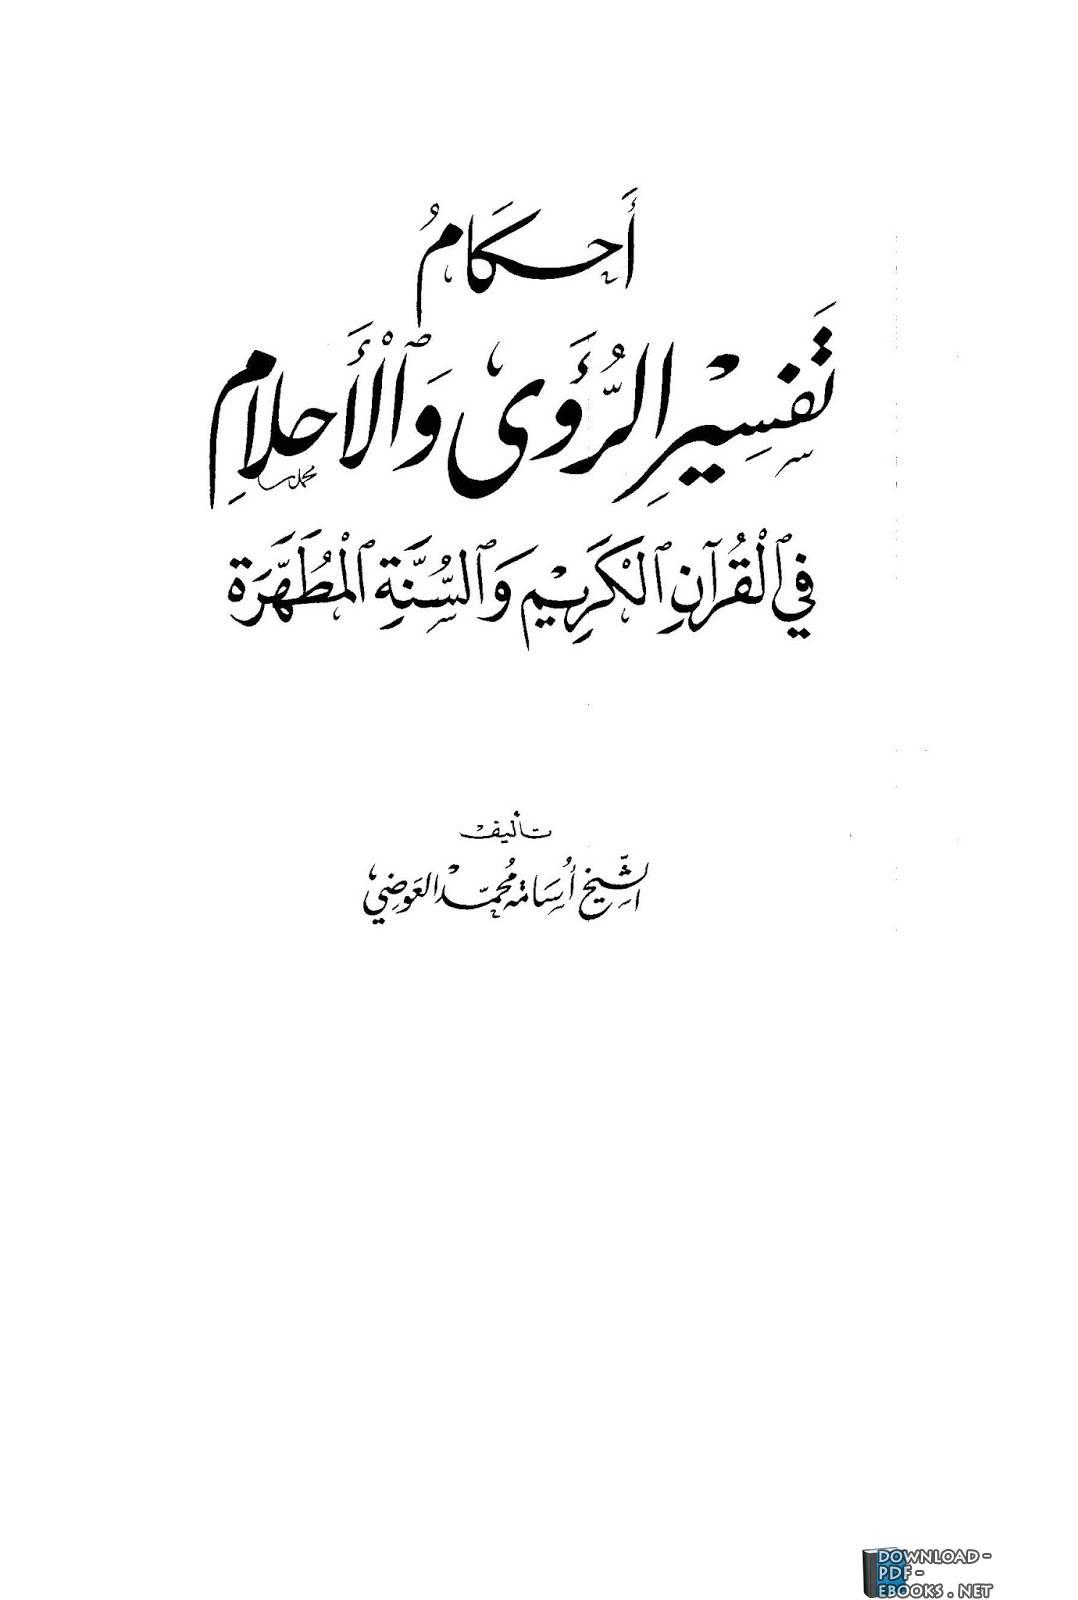 كتاب أحكام تفسير الرؤى والأحلام في القرآن الكريم والسنة المطهرة